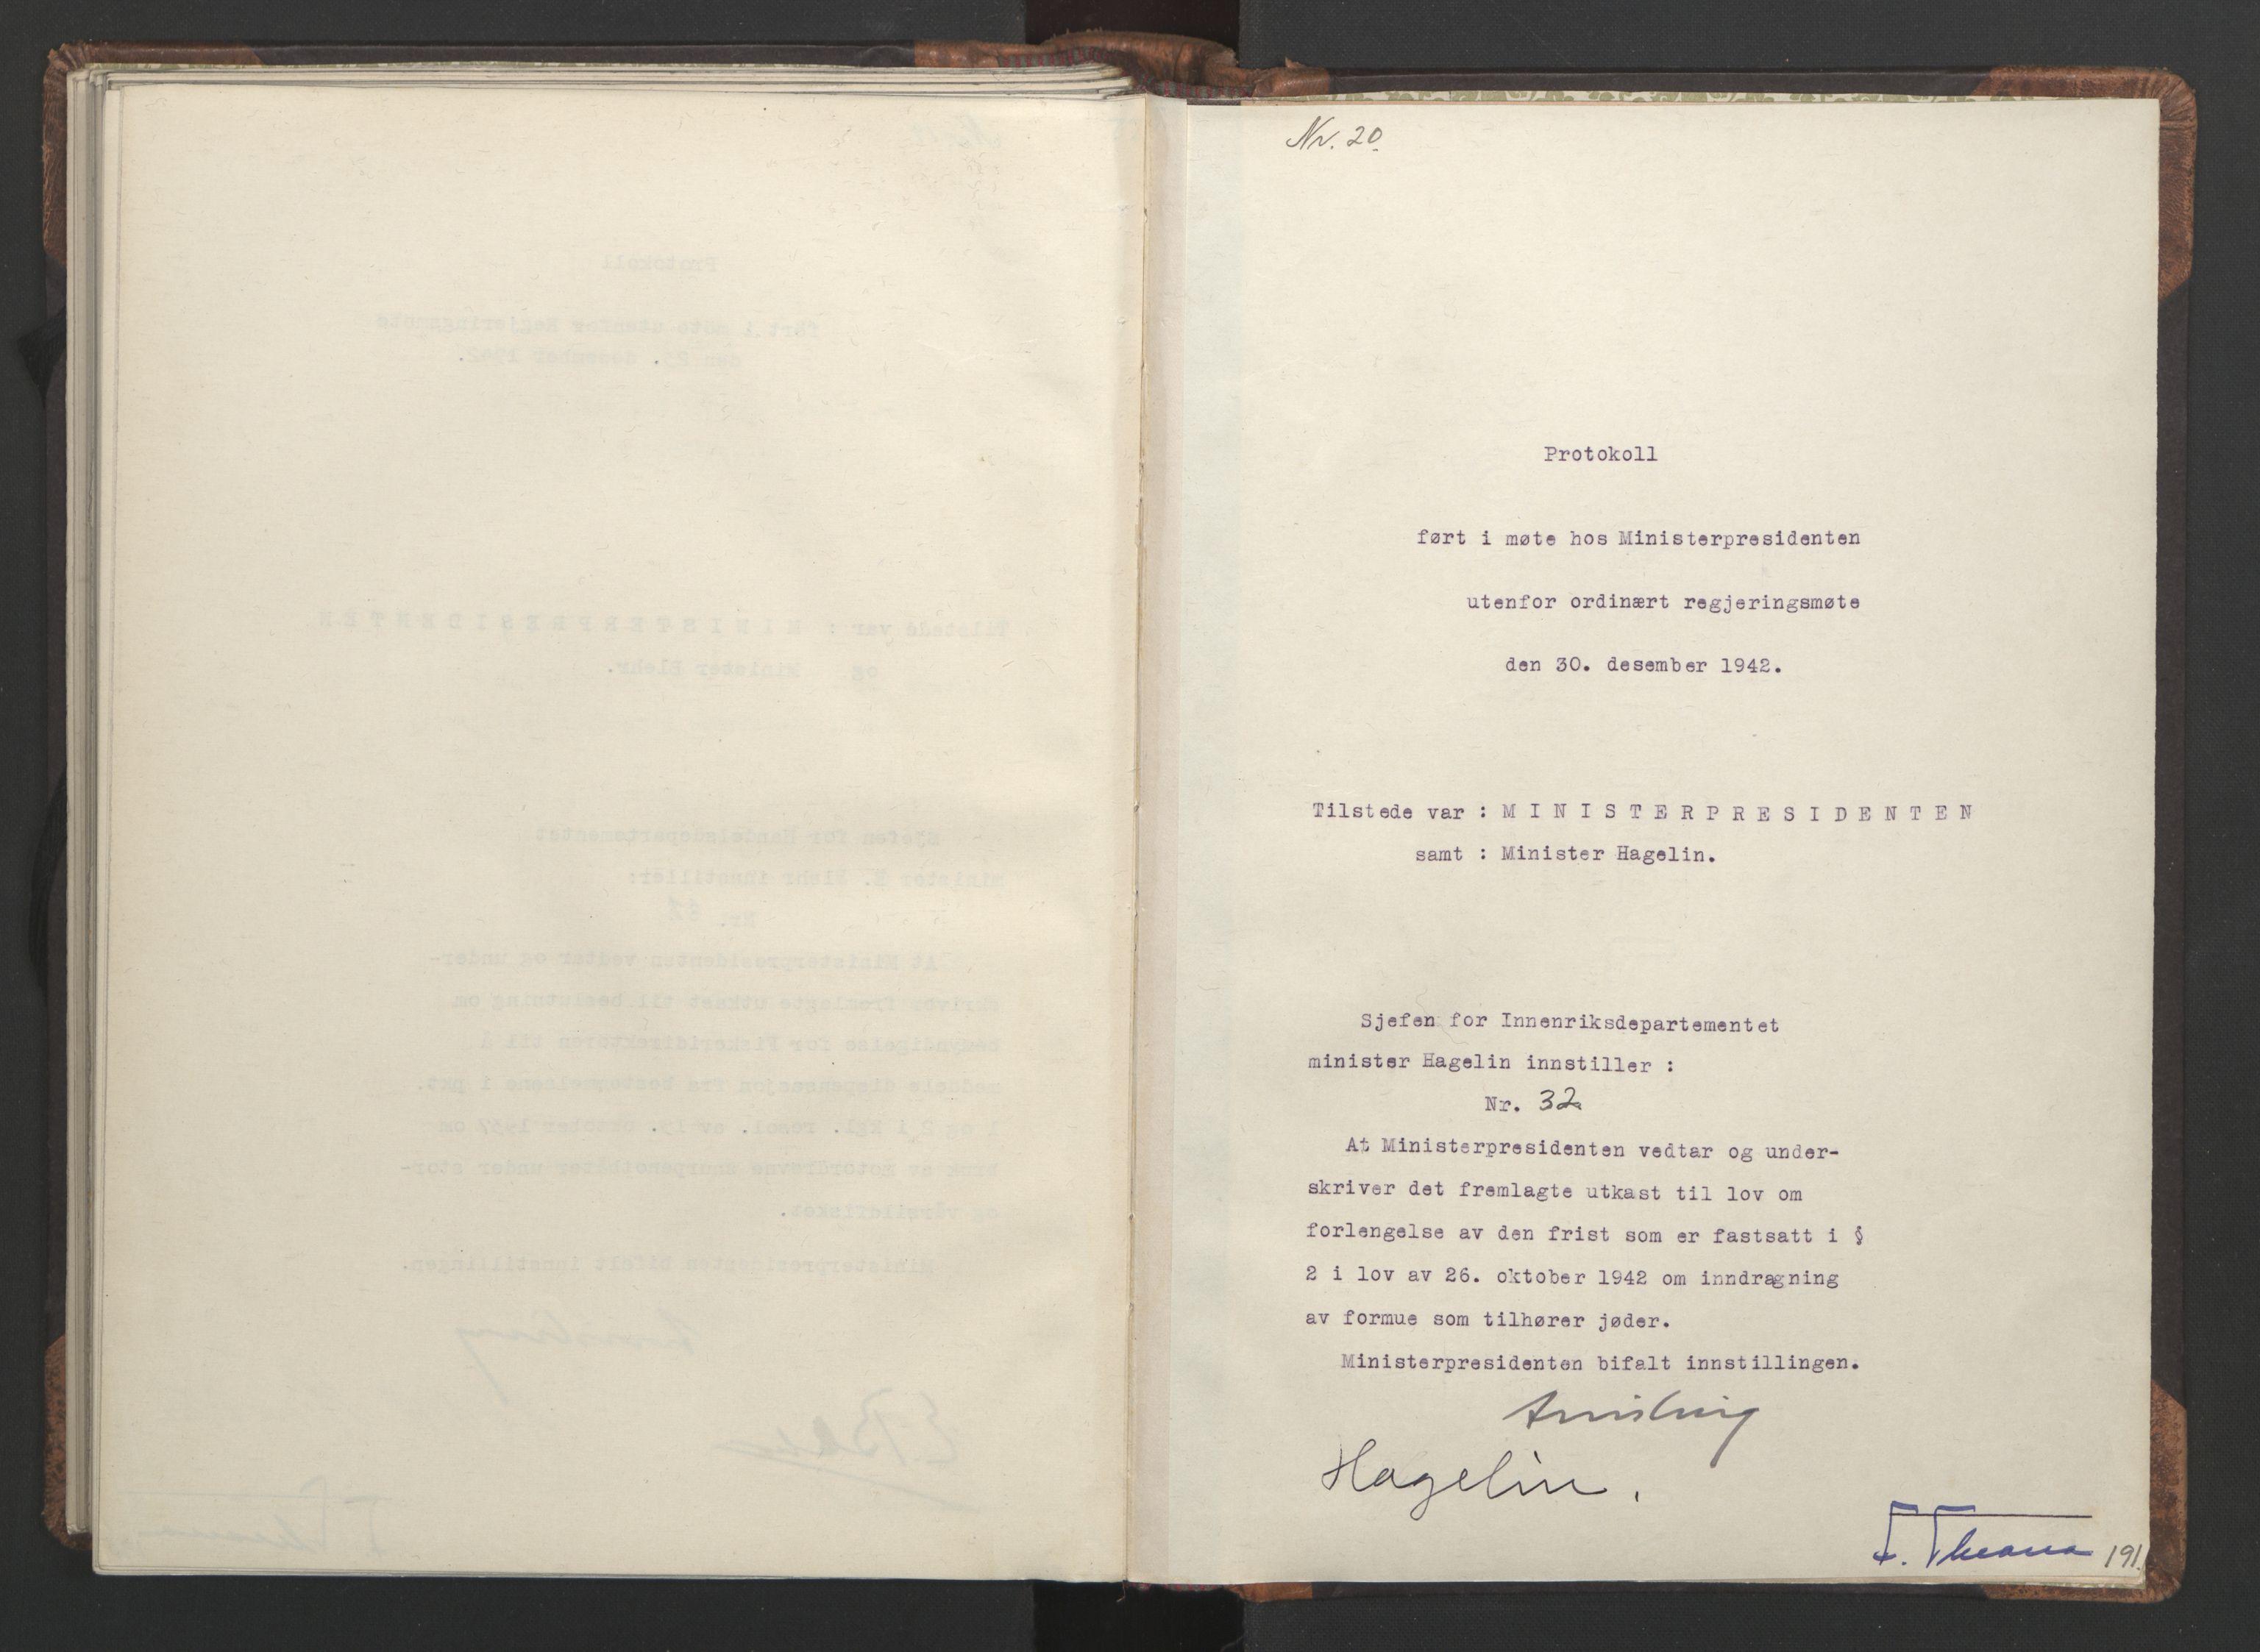 RA, NS-administrasjonen 1940-1945 (Statsrådsekretariatet, de kommisariske statsråder mm), D/Da/L0001: Beslutninger og tillegg (1-952 og 1-32), 1942, s. 190b-191a